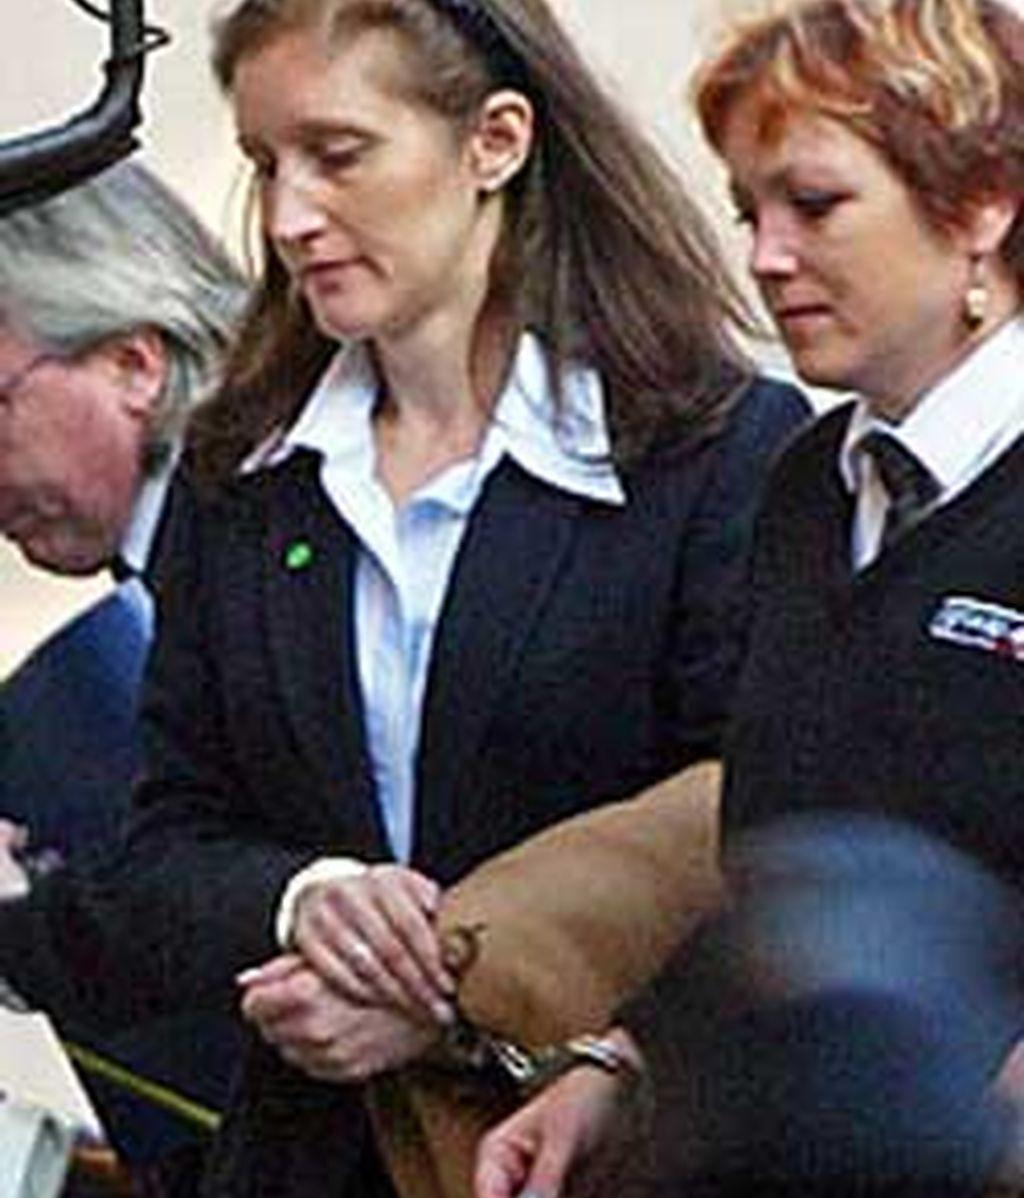 Andrews fue encarcelada en mayo del 2002 después que un jurado la declarase culpable de matar a su pareja el millonario Thomas Cressman. FOTO: Times